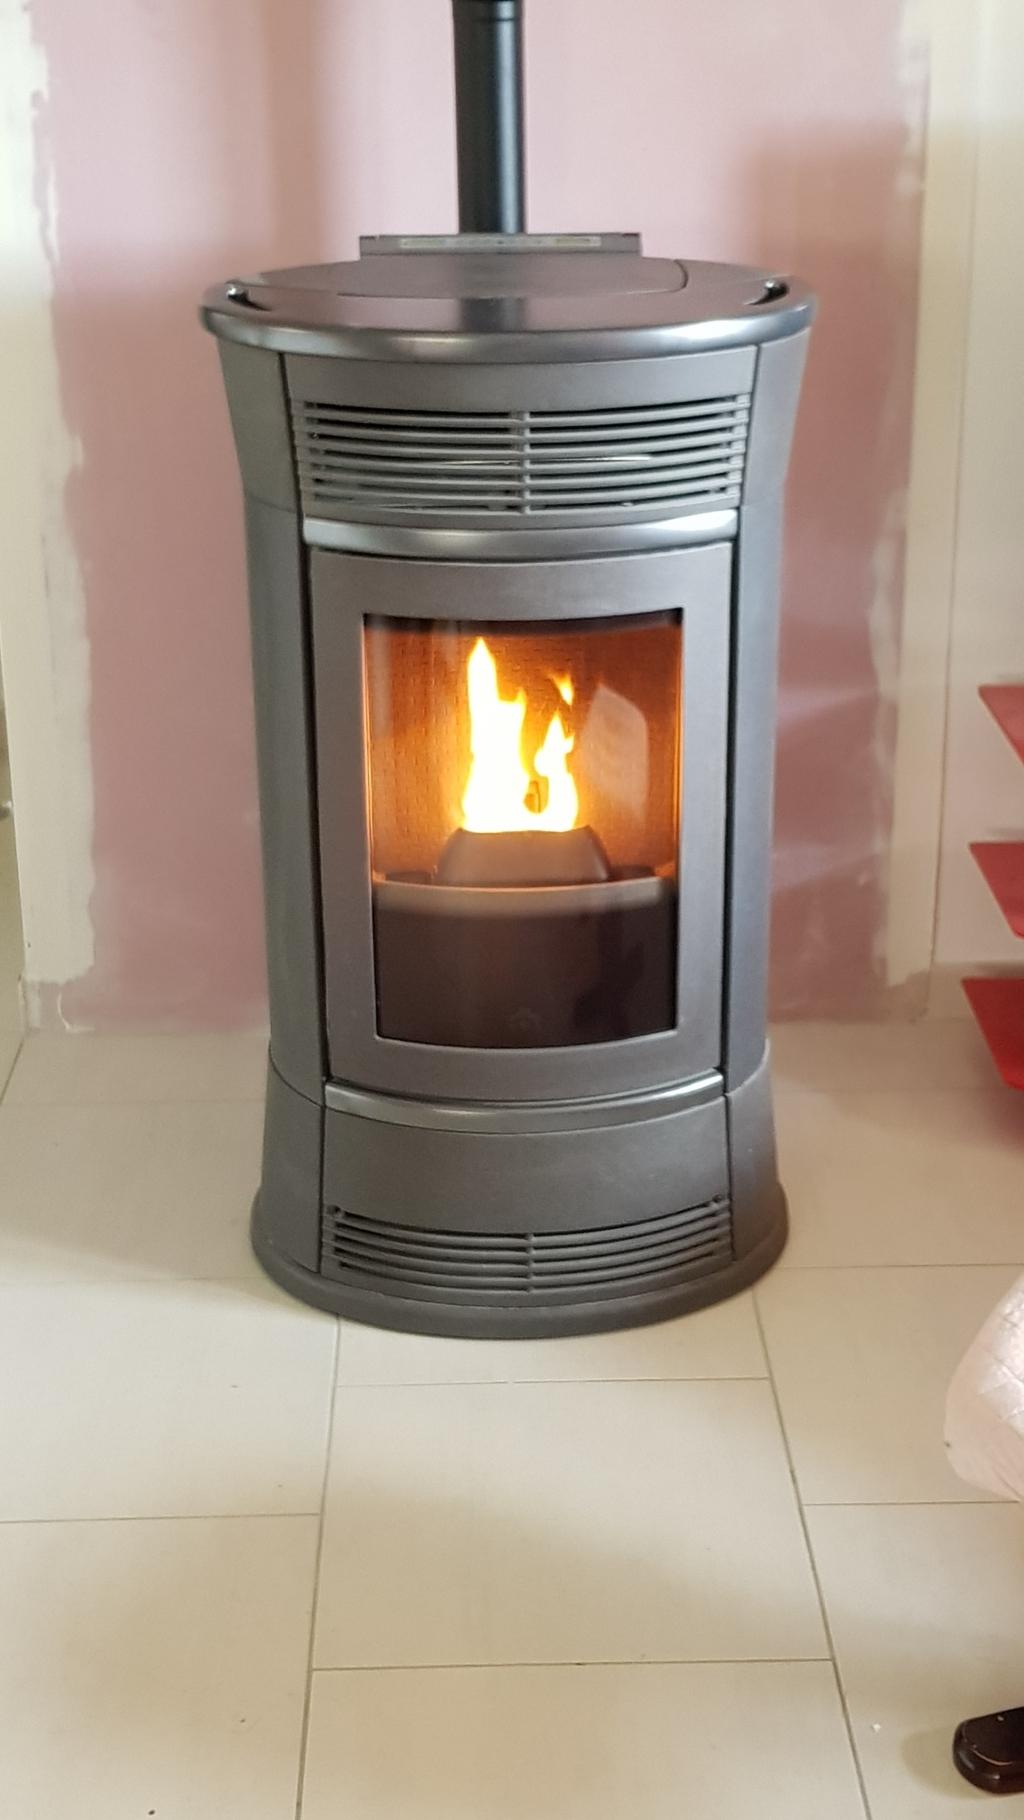 installation d 39 une nouvelle chaudi re gaz haute performance nerg tique viessmann vitodens 222f. Black Bedroom Furniture Sets. Home Design Ideas